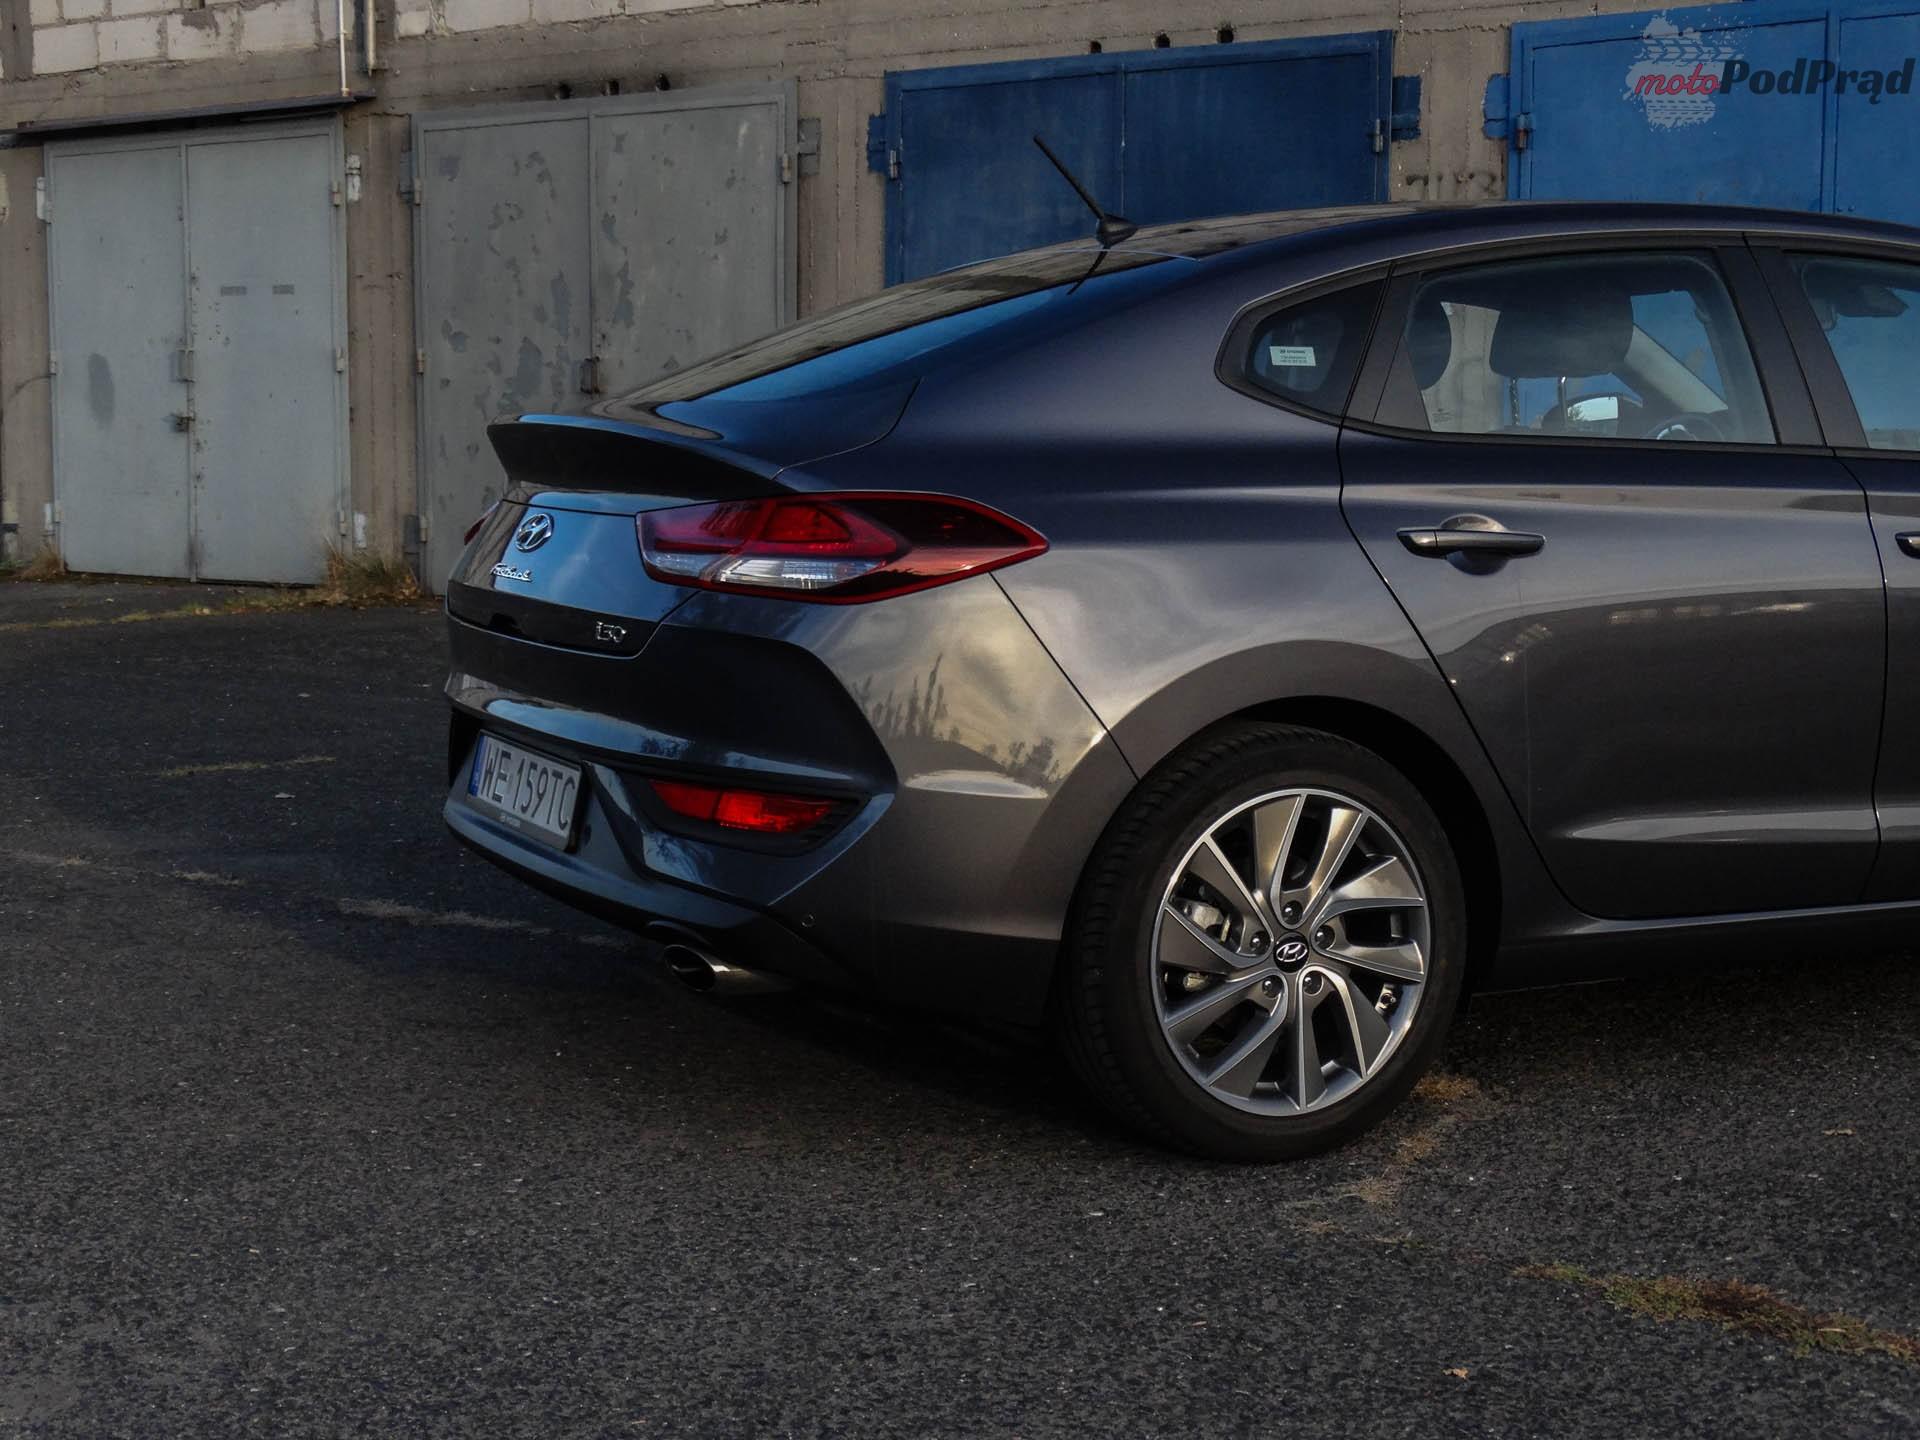 Hyundai i30 fastback 15 Test: Hyundai i30 fastback czyli kolejny krok milowy marki